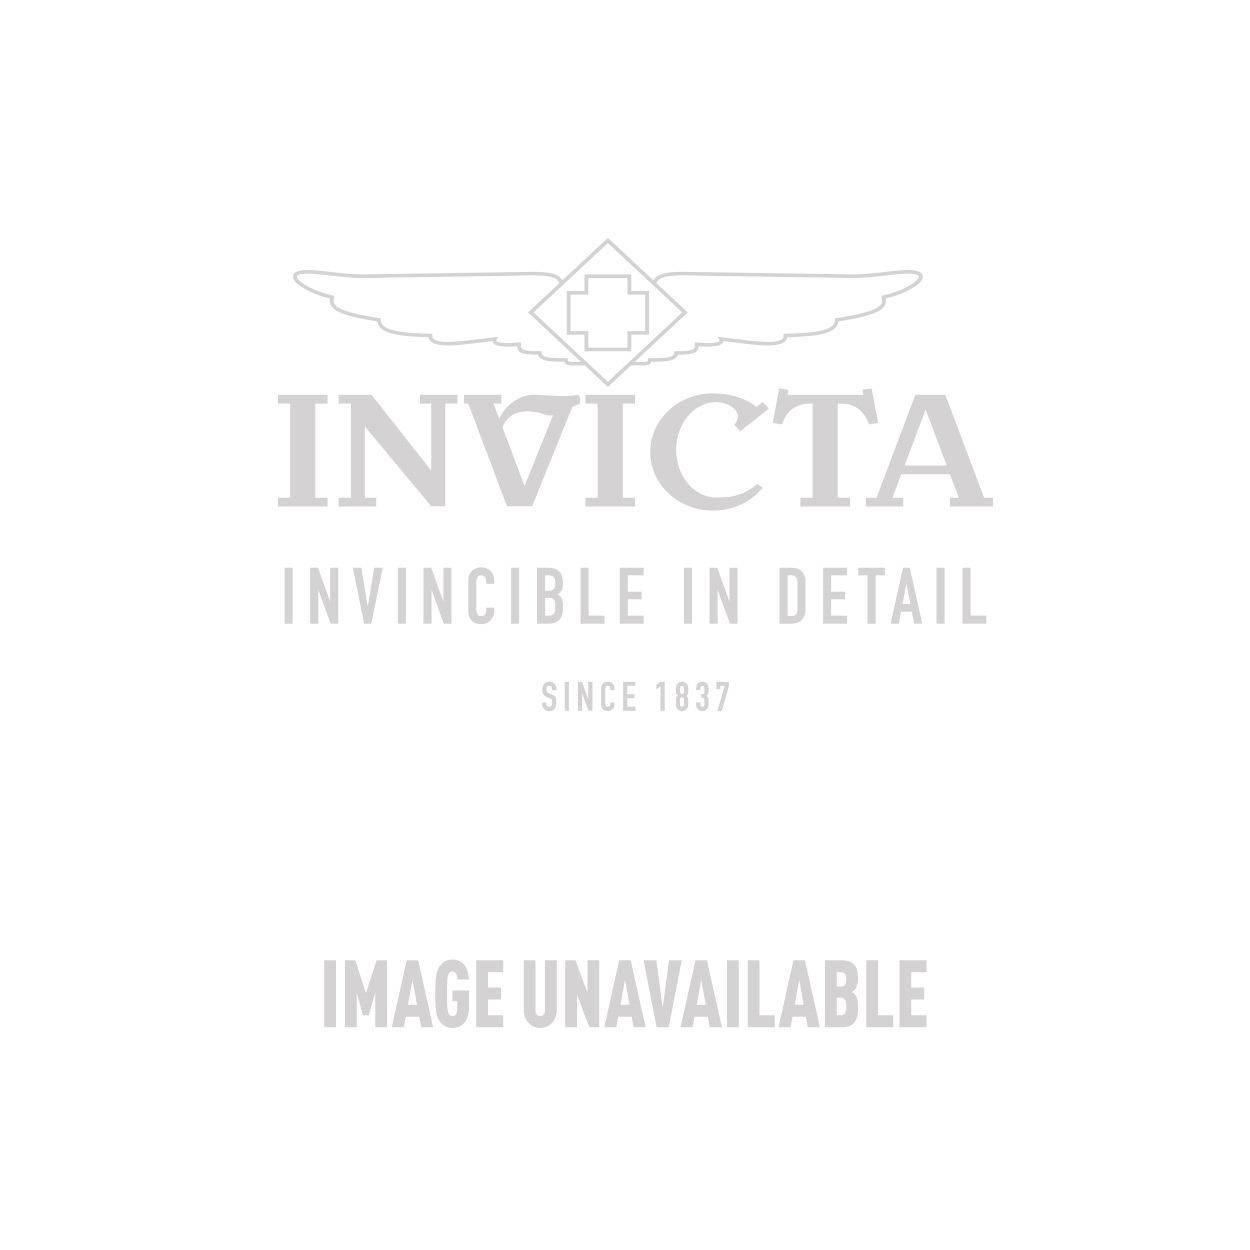 Invicta Model 24168